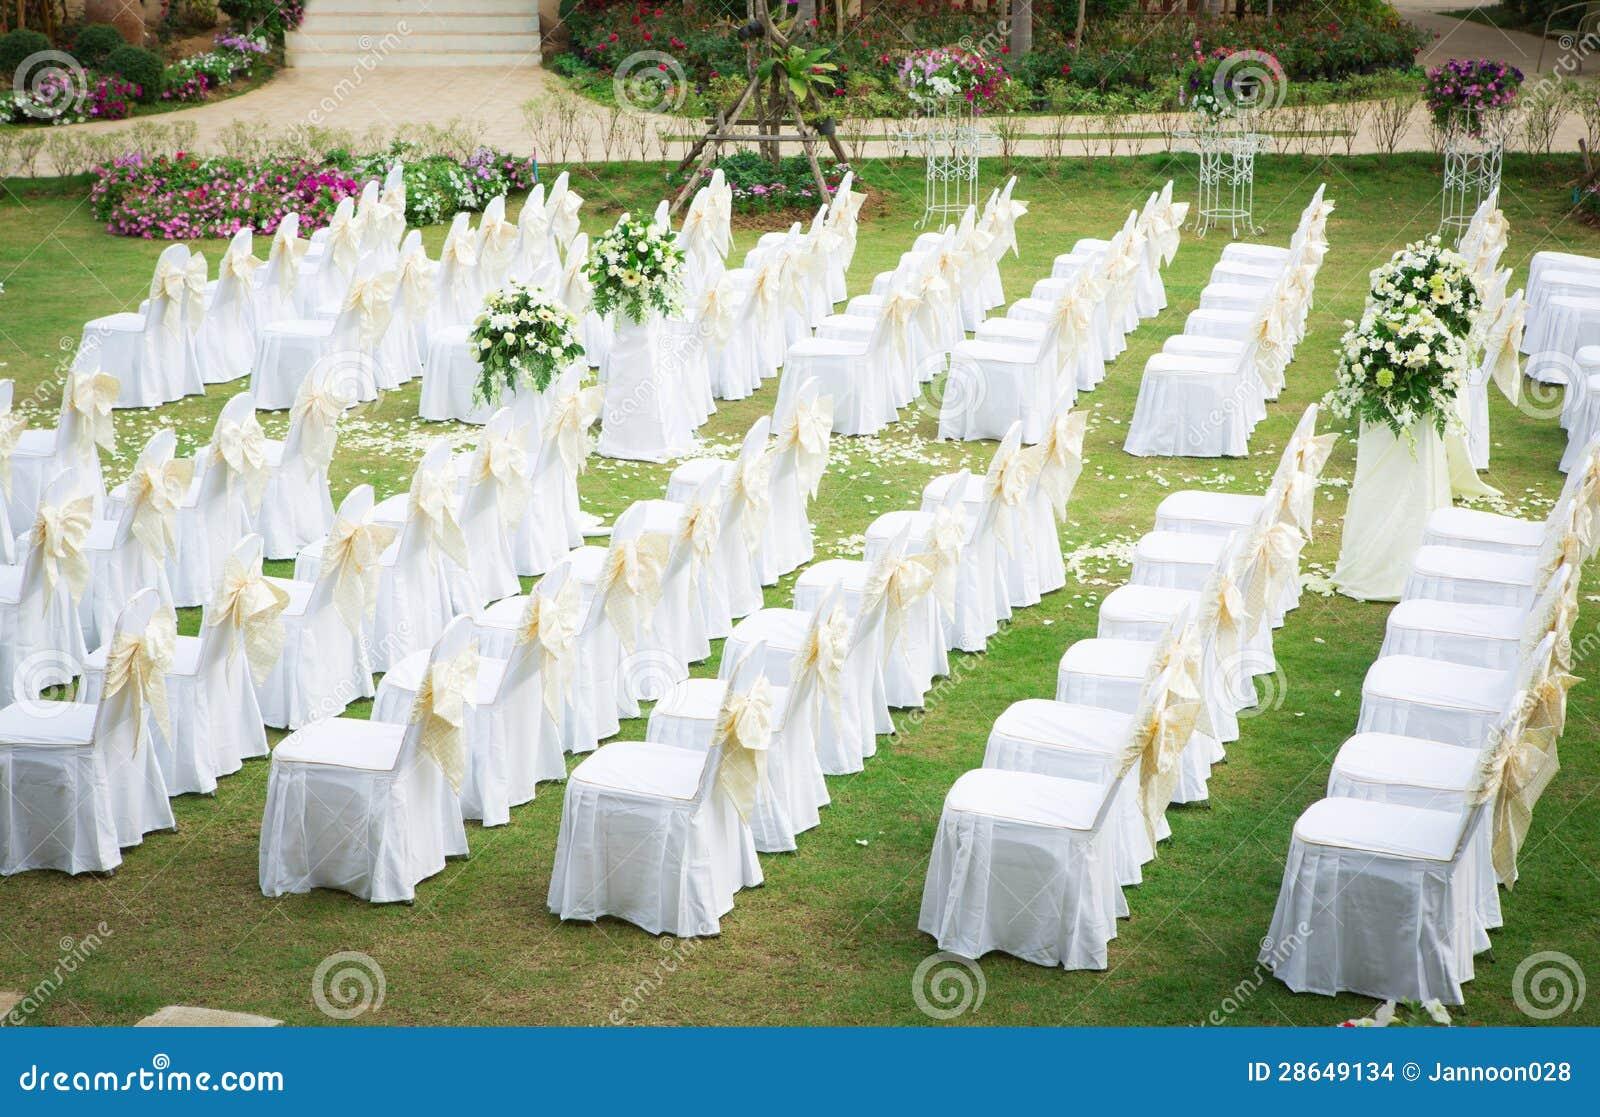 casamento um jardim de sonhos:Cerimônia De Casamento No Jardim Bonito Imagens de Stock – Imagem